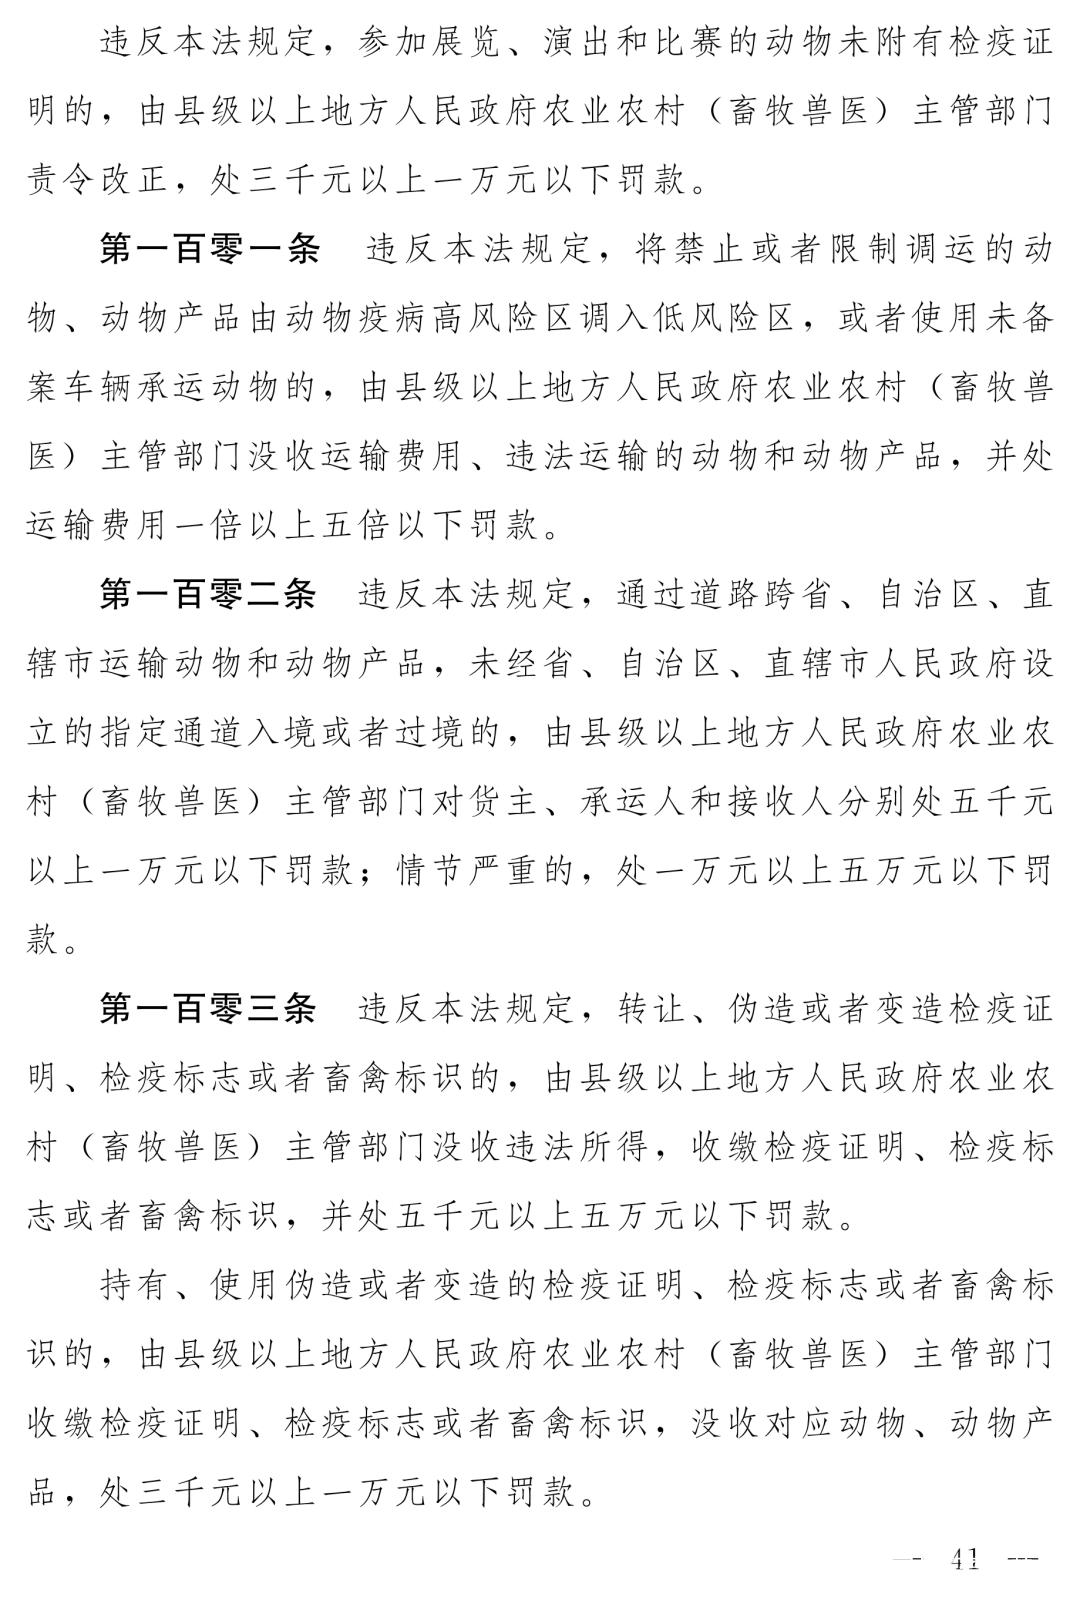 中华人民共和国动物防疫法(修订草案)征求意见